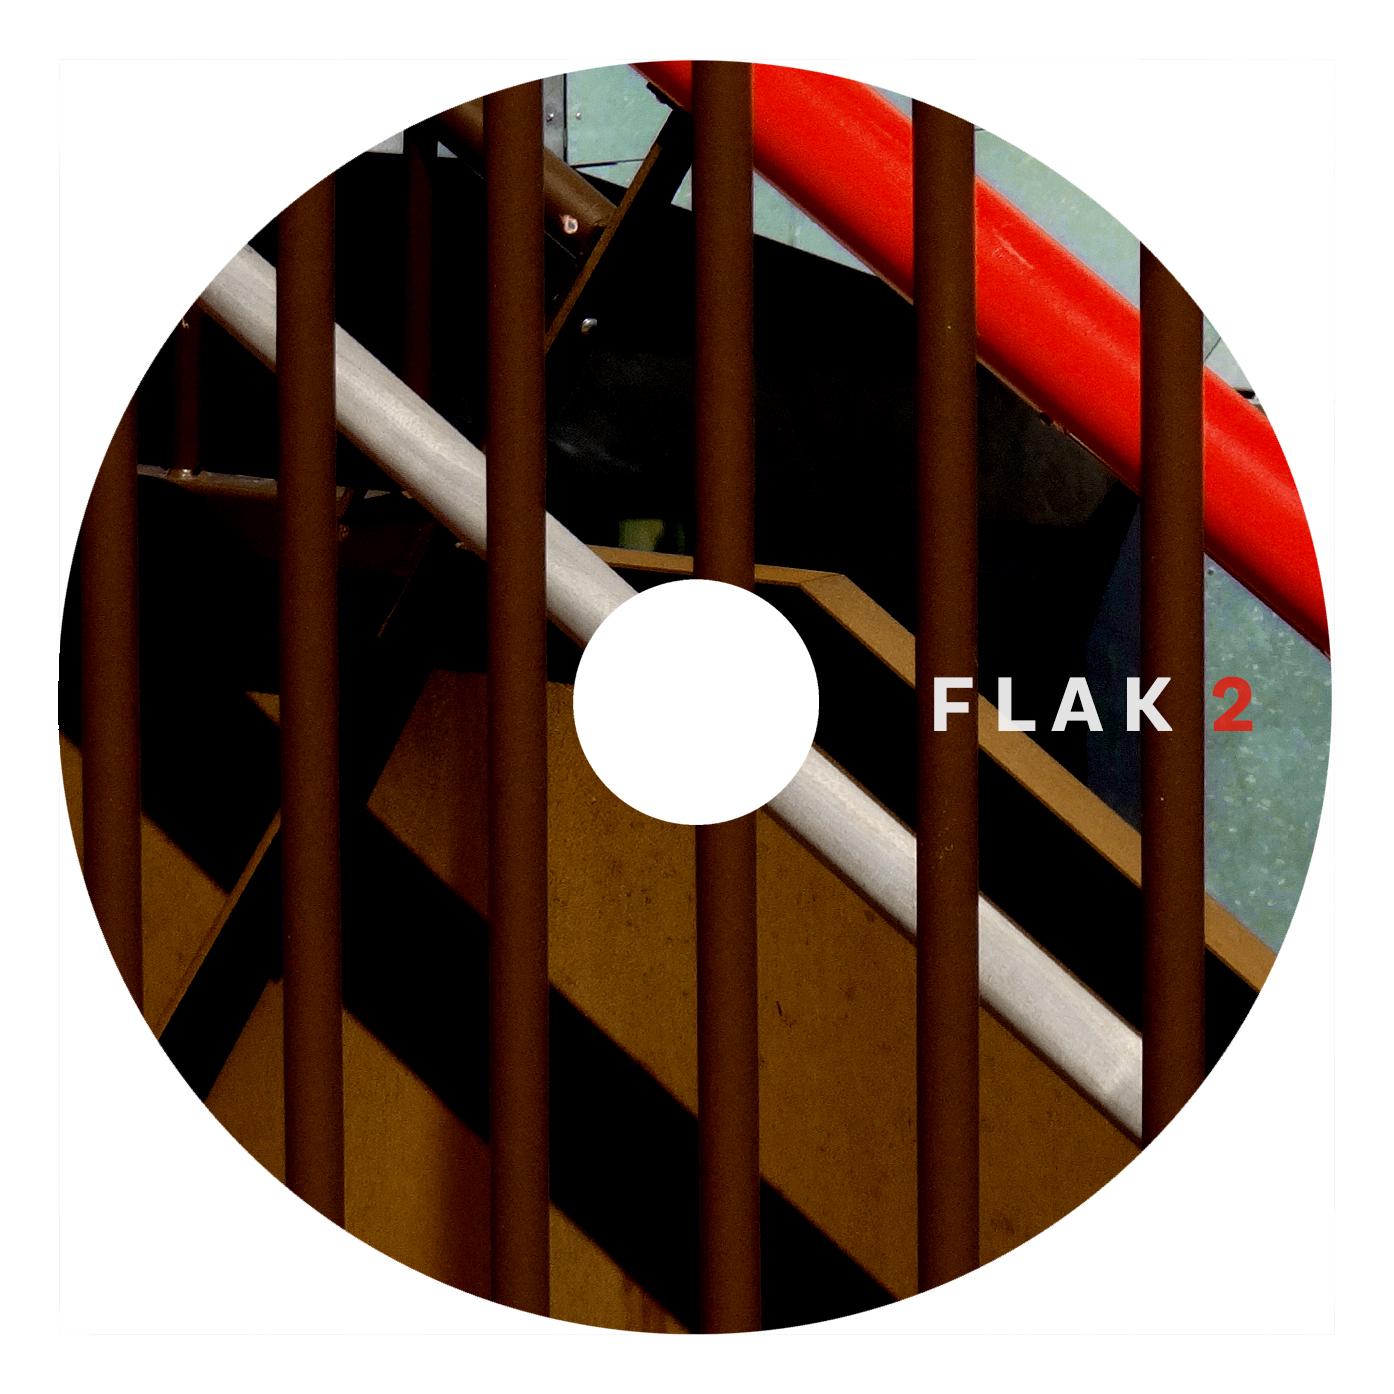 F L A K 2